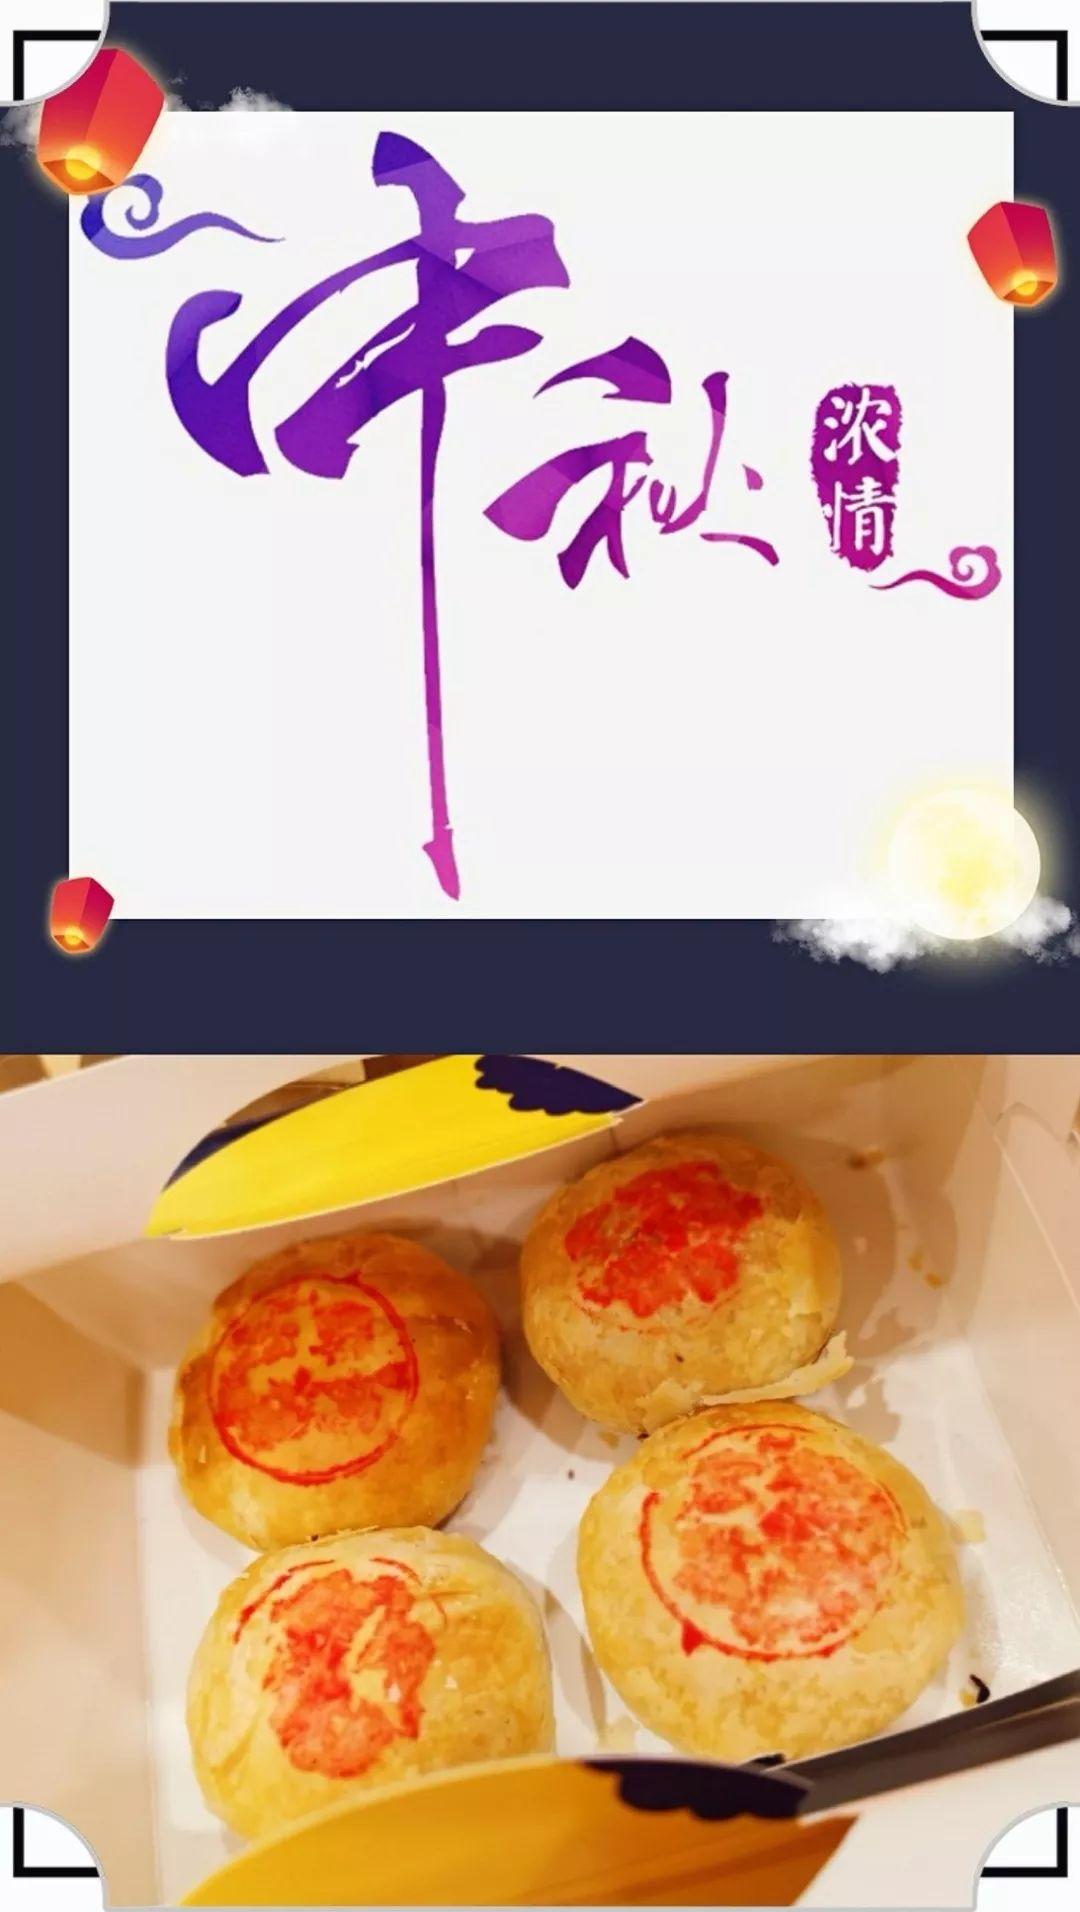 中秋节,你们买什么牌子的月饼?_广州_论坛_天涯社区